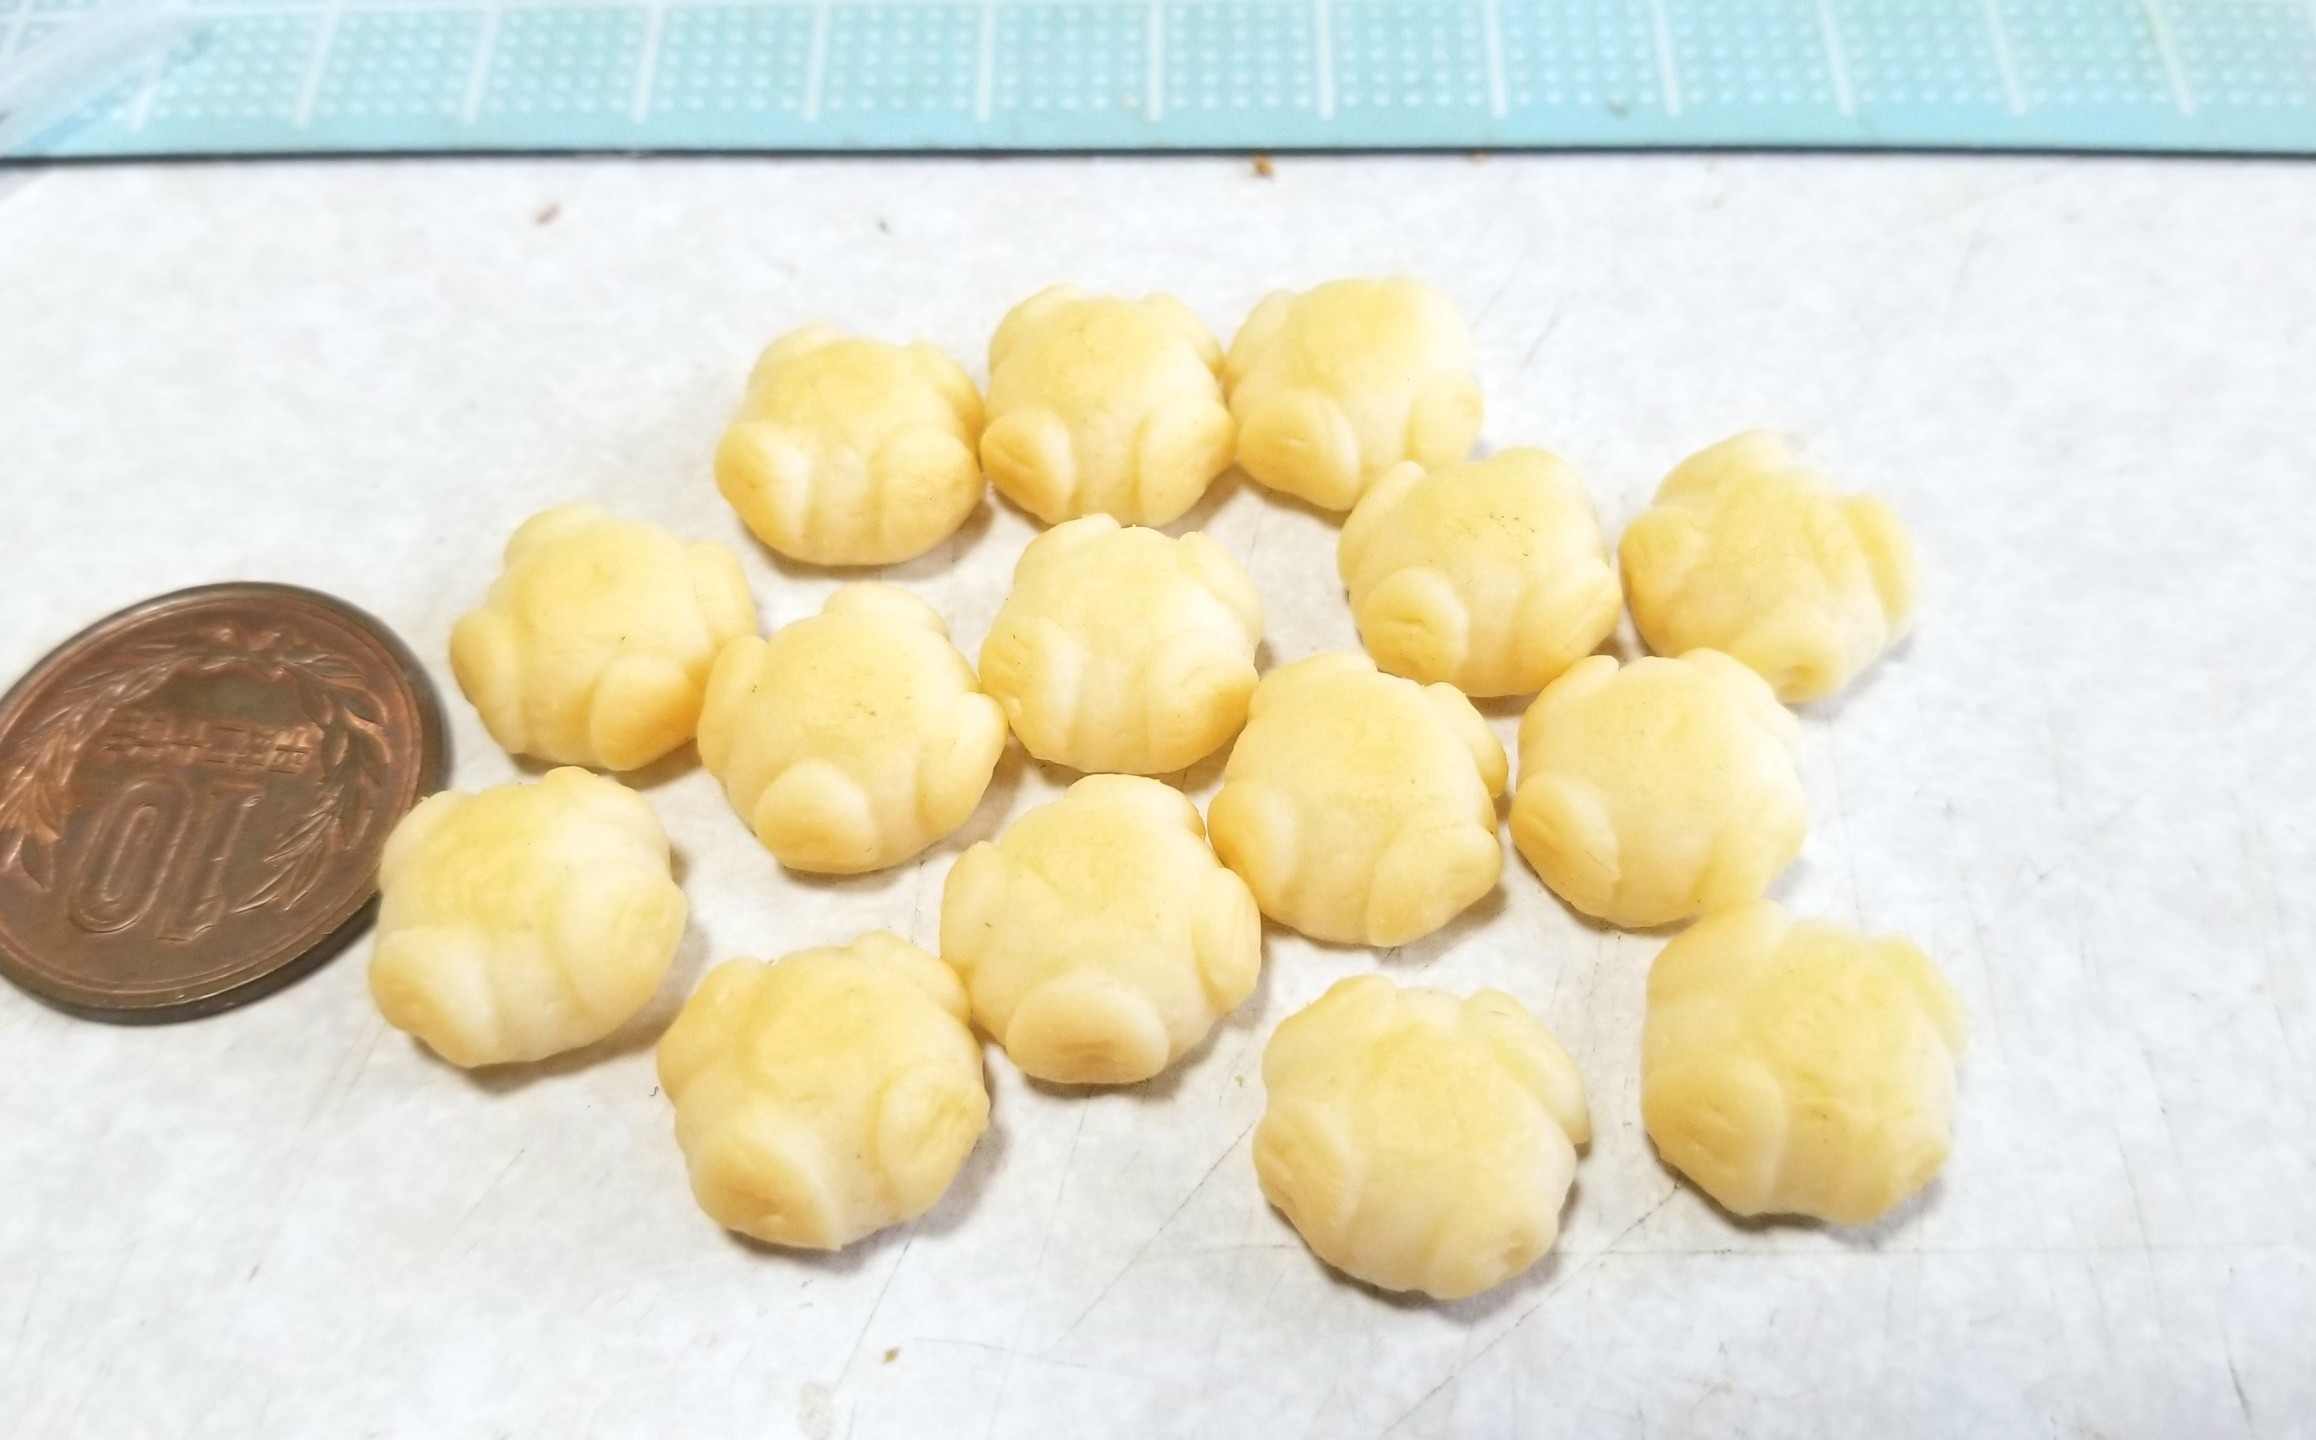 ミニチュアフード, もっちり系カンパーニュ, 着色, 樹脂粘土, 作り方